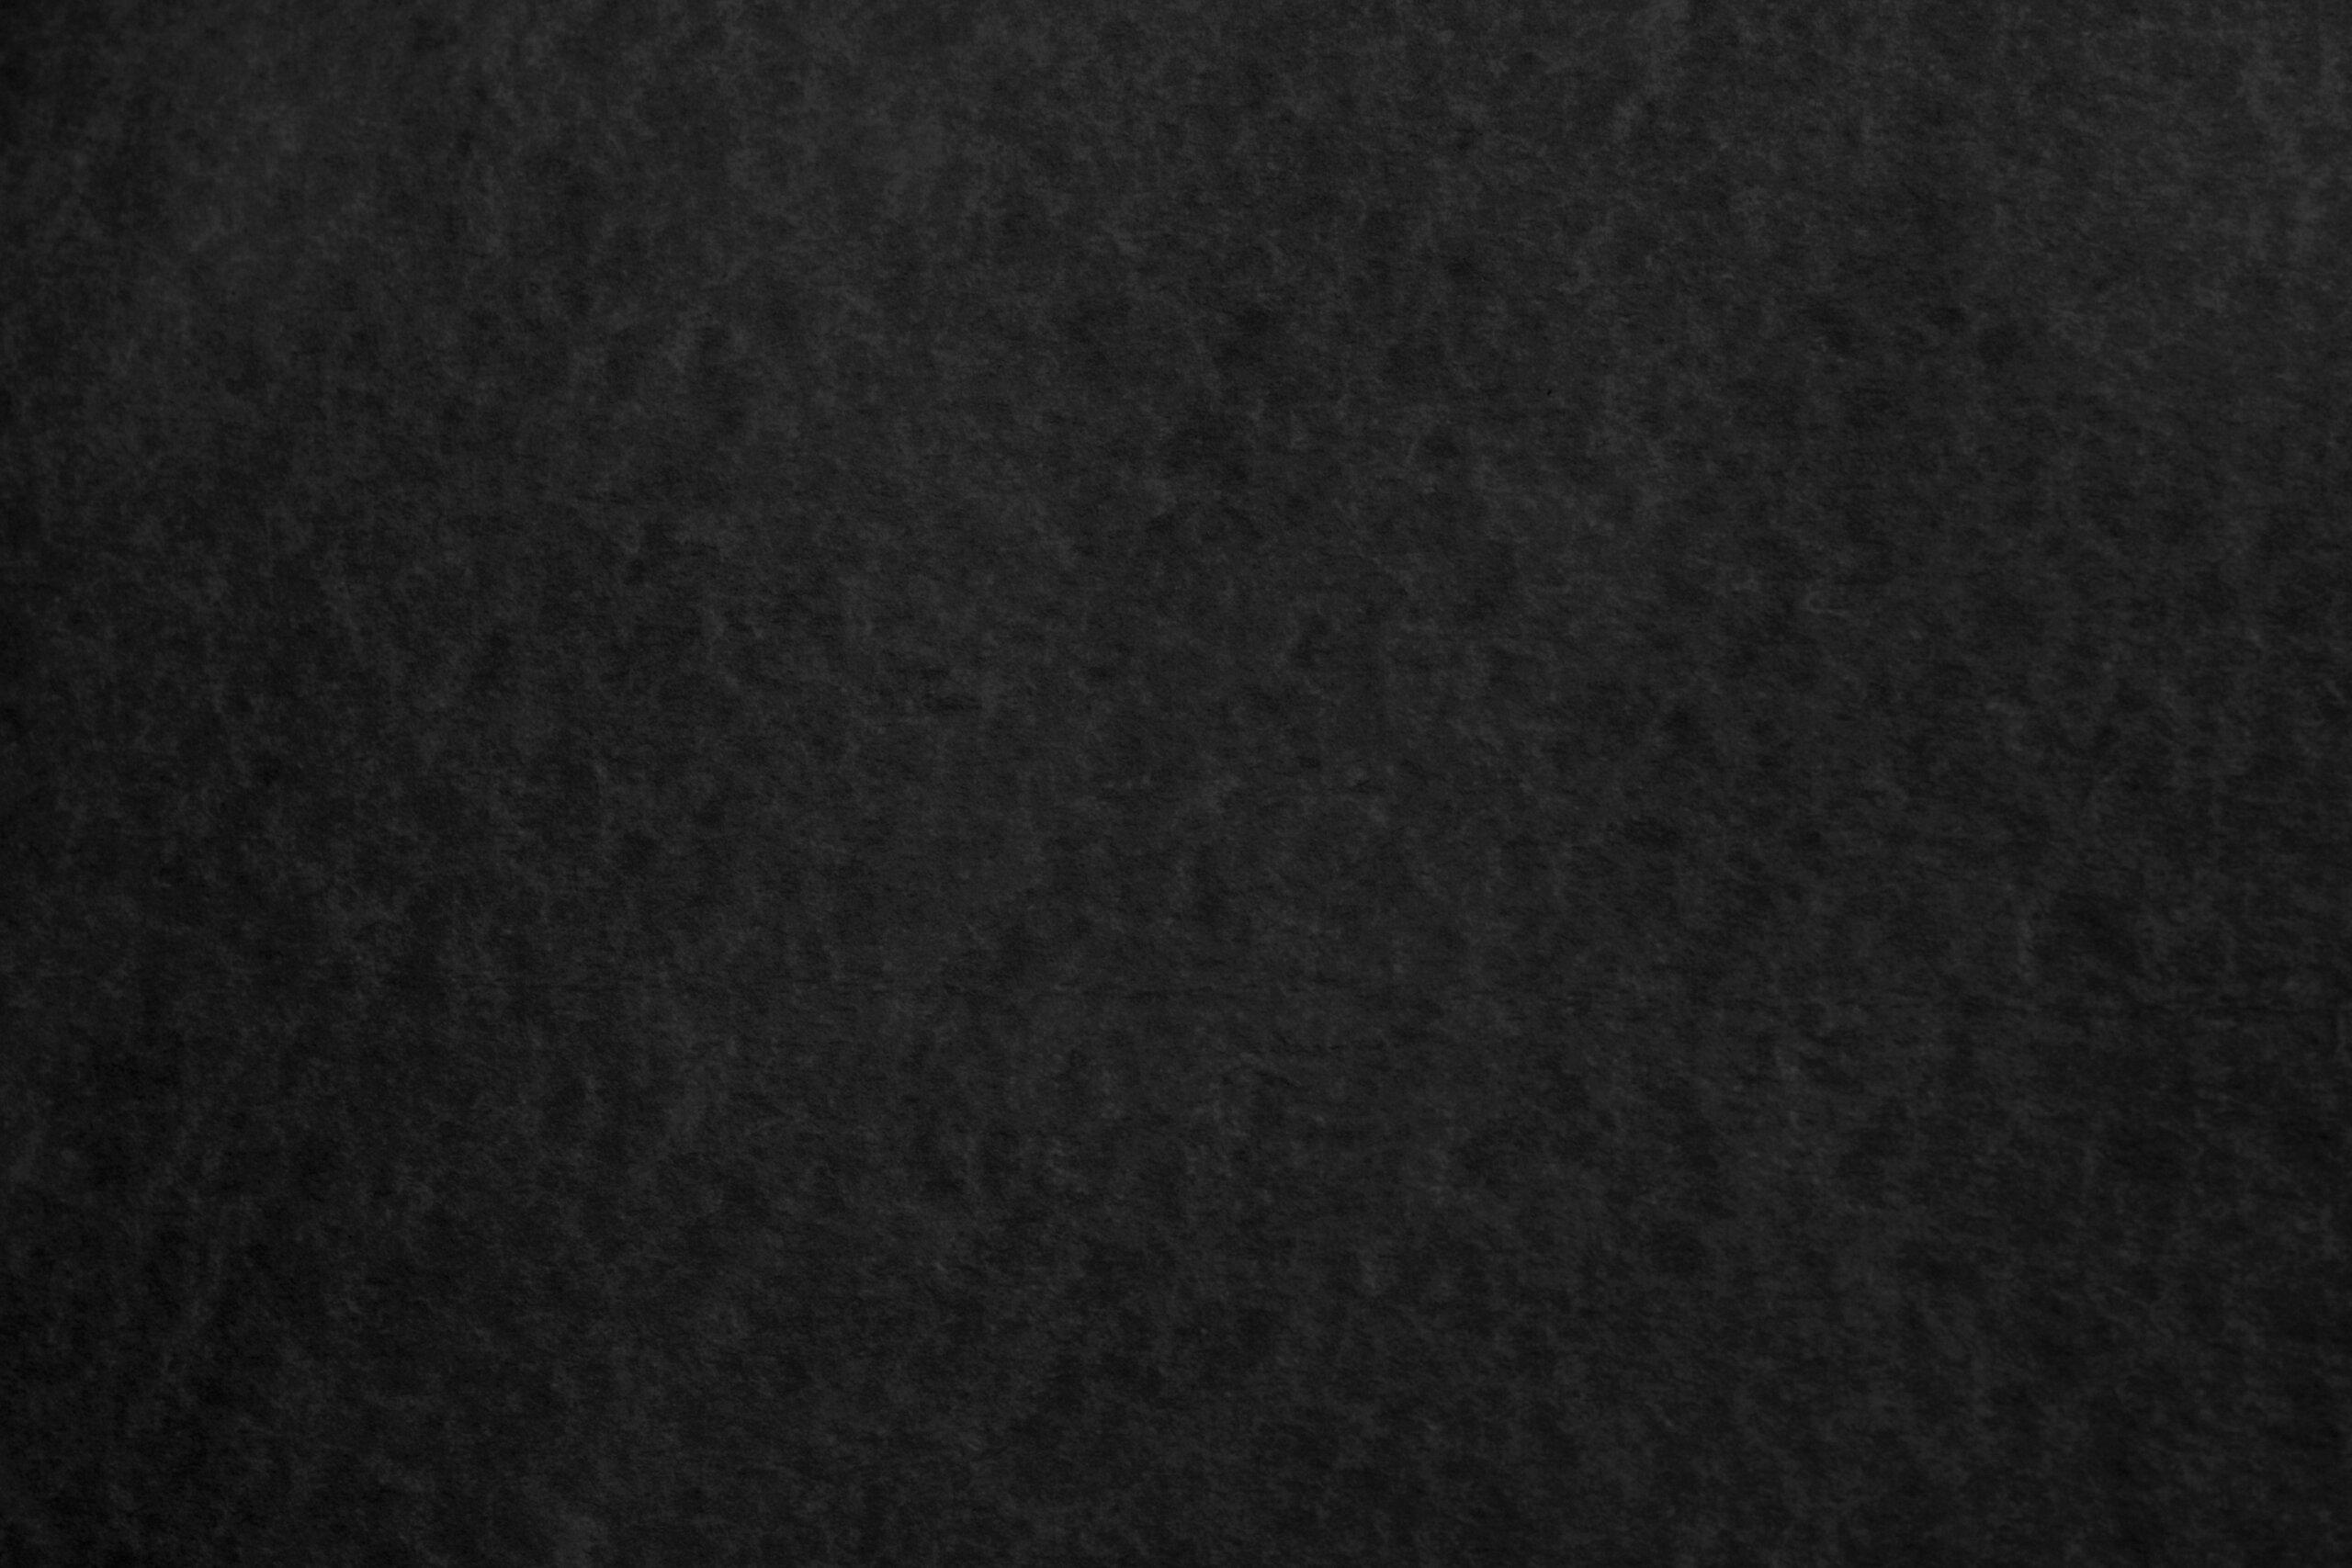 SeenSoul | Namaluję Cię światłem | Fotografia portretowa i artystyczna background image